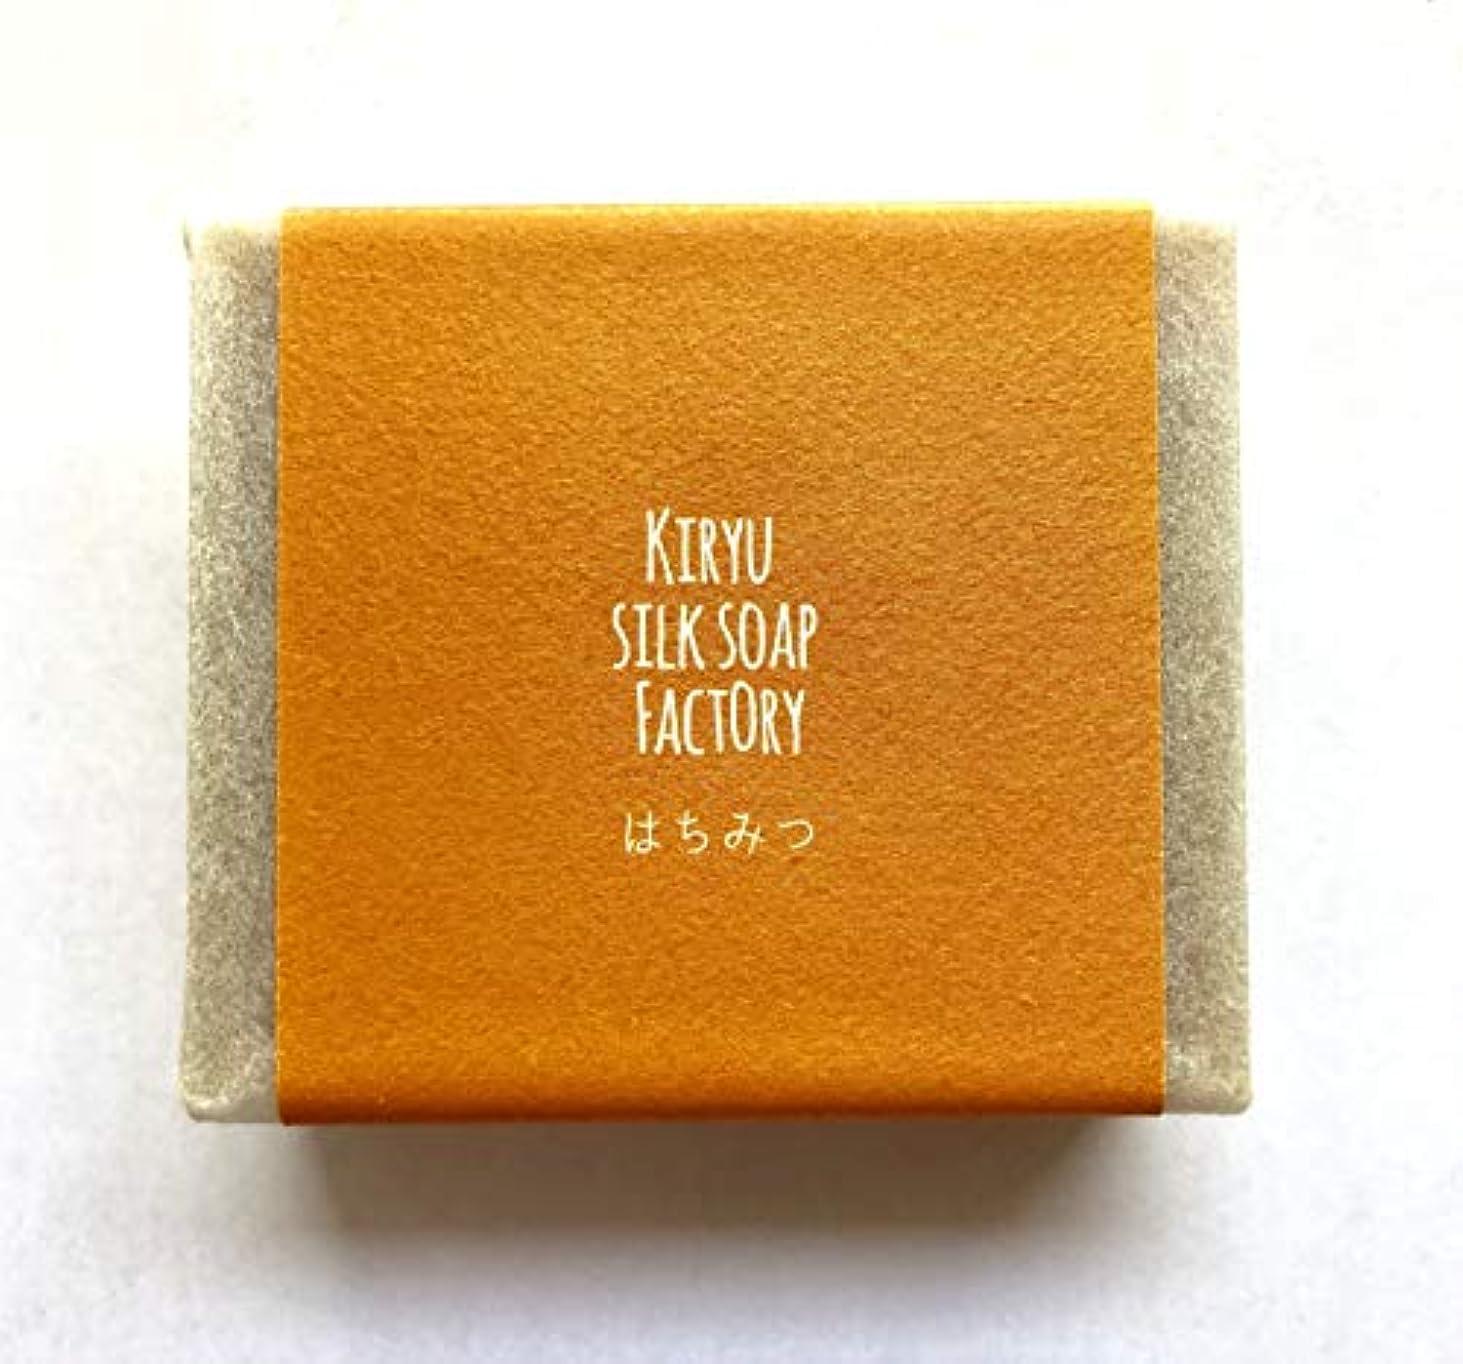 喪湿った検閲桐生絹せっけん工房 なま絹手練り石けん (無添加 コールドプロセス製法) (はちみつ, 90g)